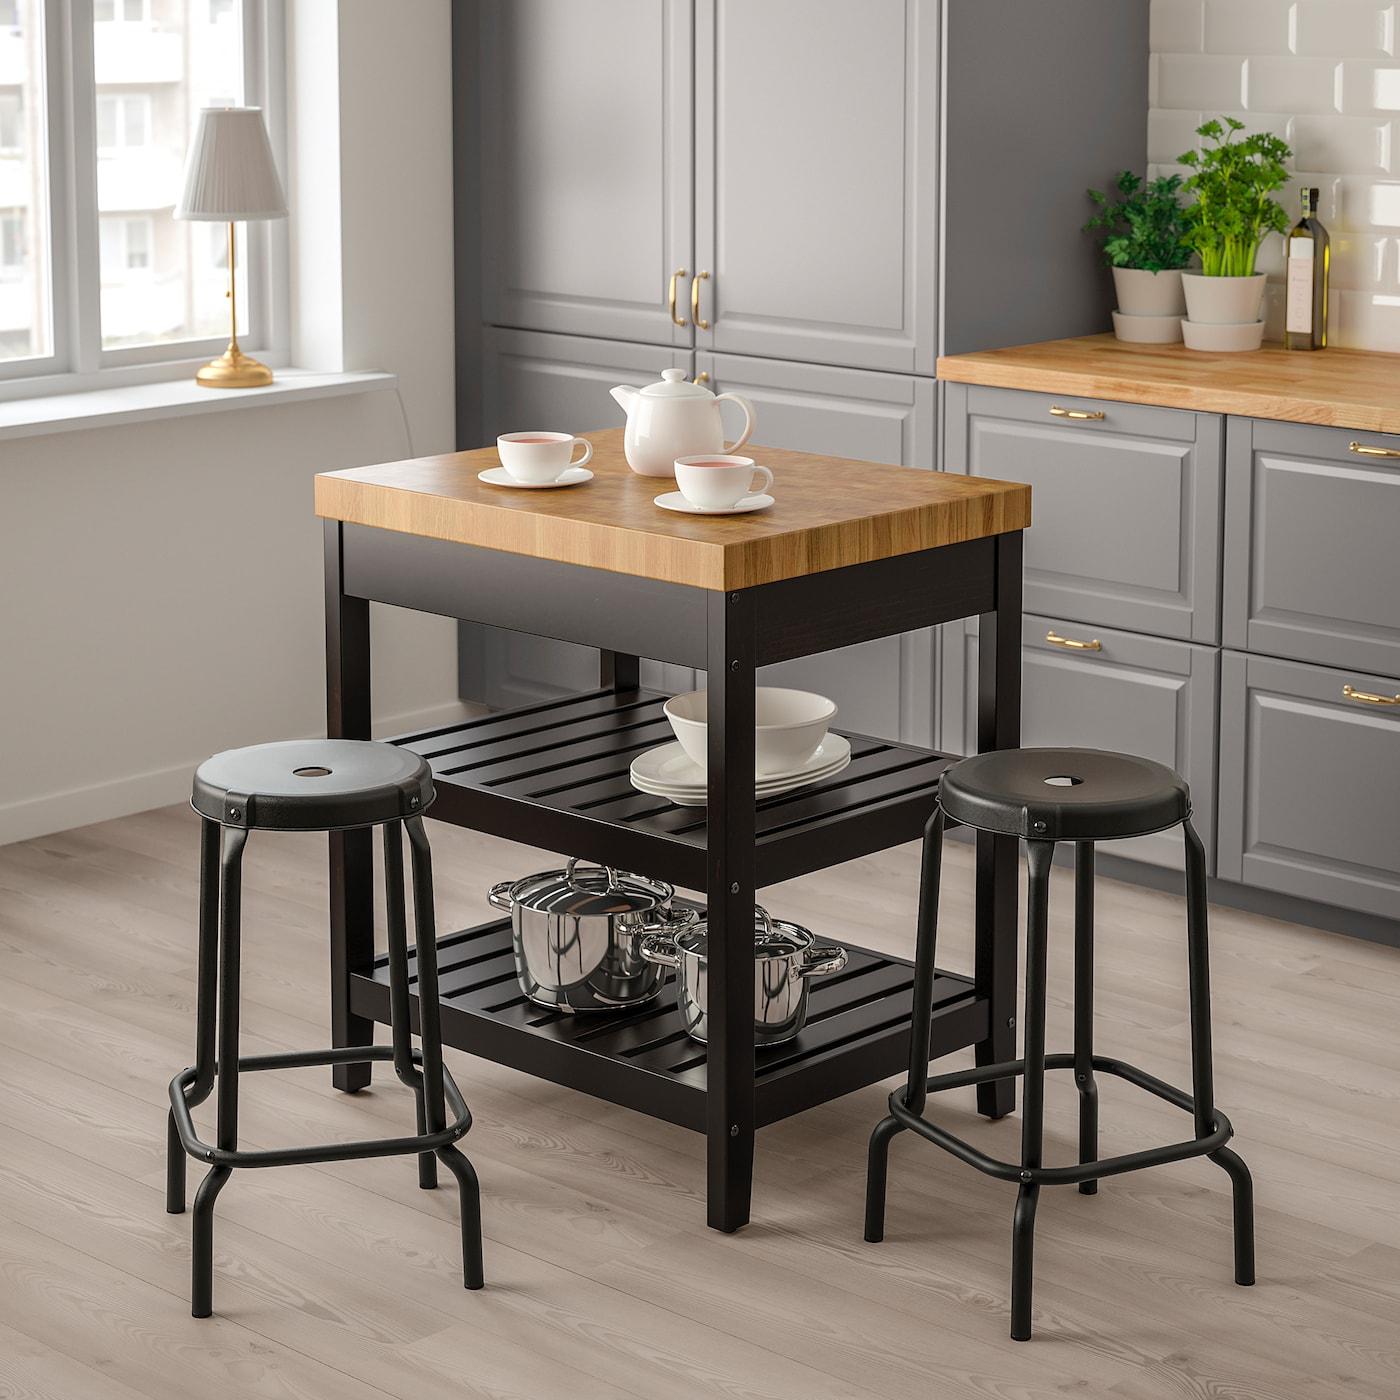 vadholma Îlot pour cuisine noir chêne 79x63x90 cm  ikea